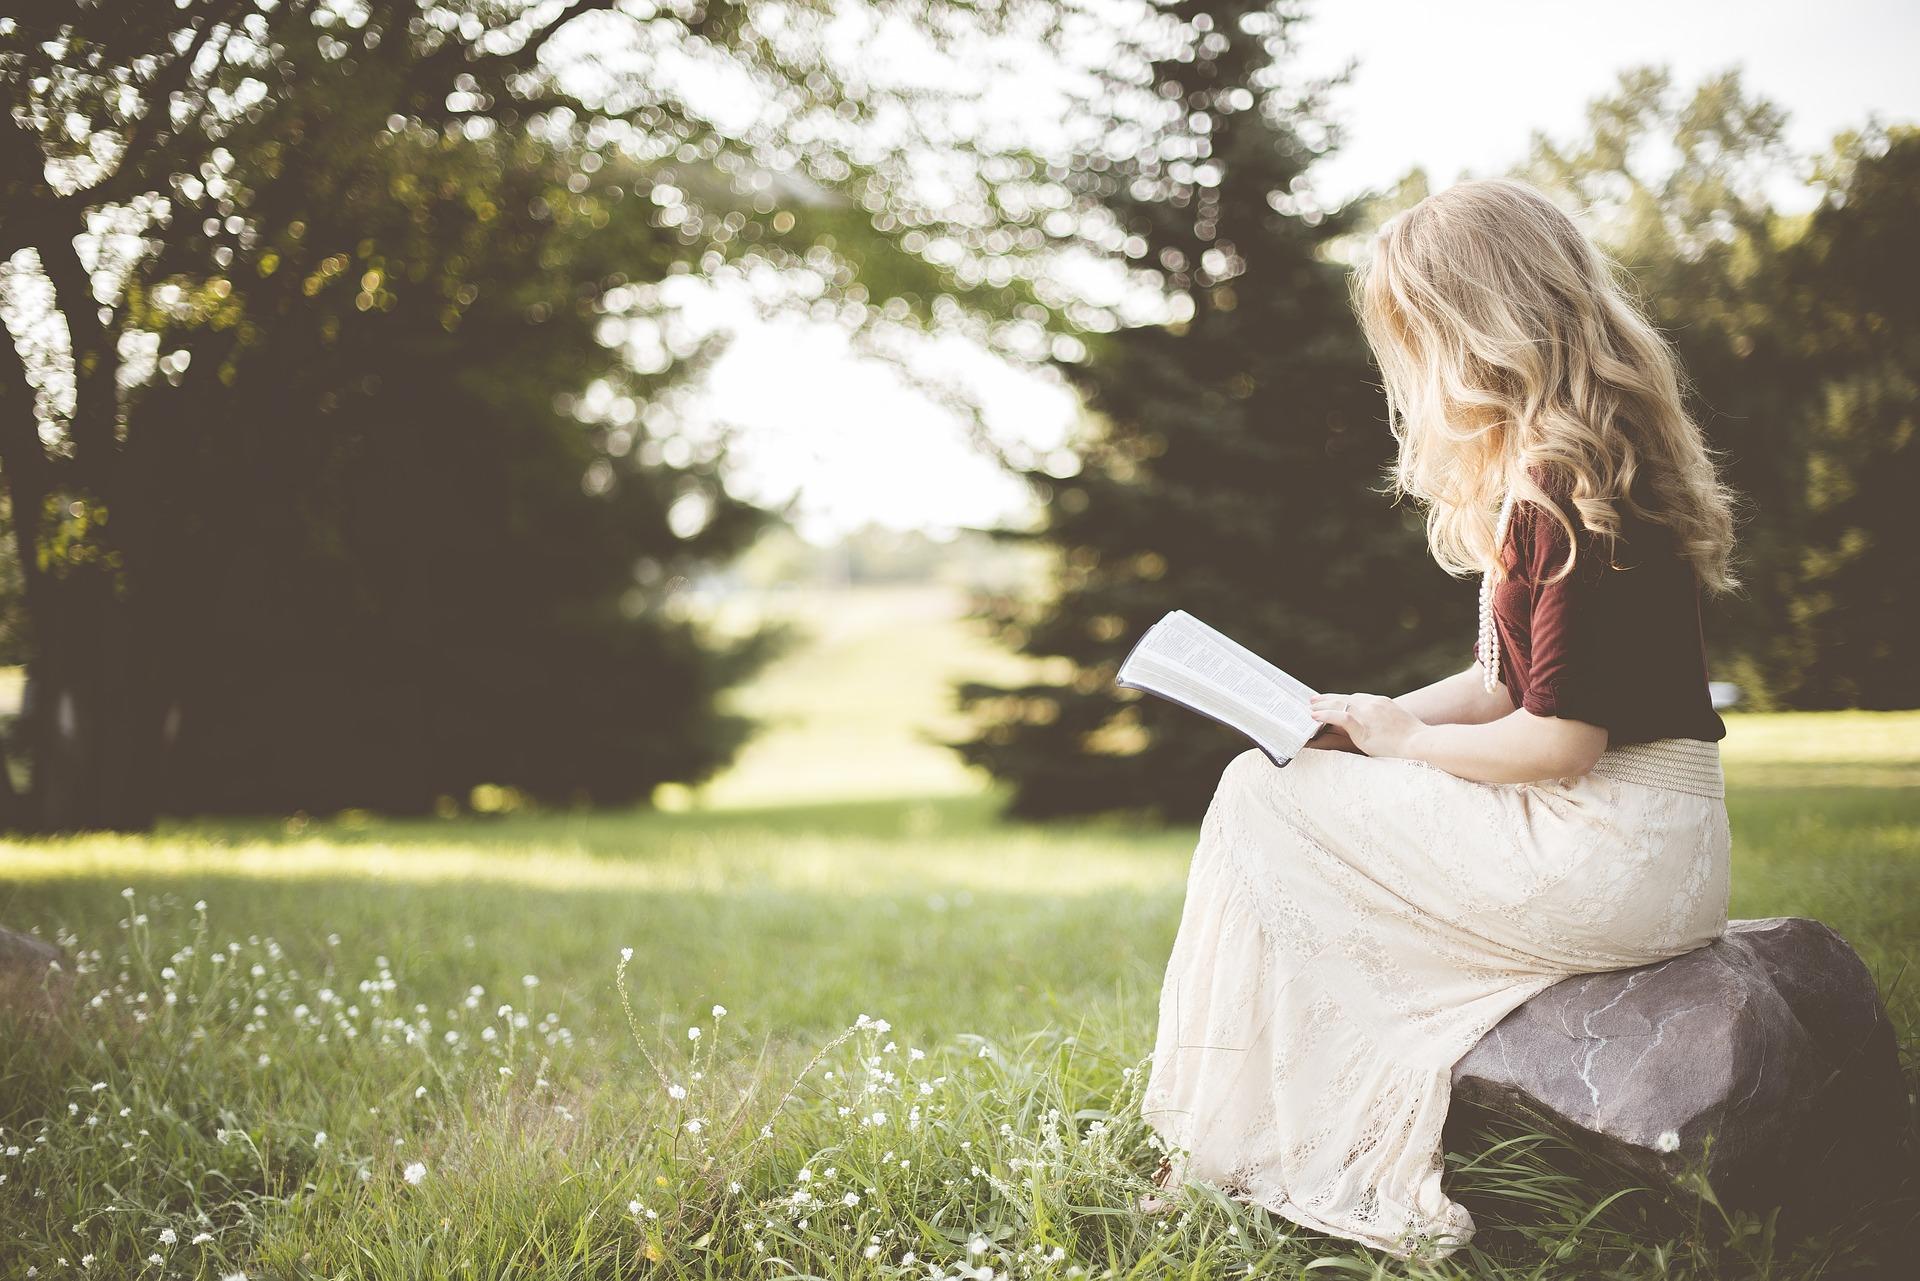 Ein Mädchen sitzt in der Natur und liest ein Buch.